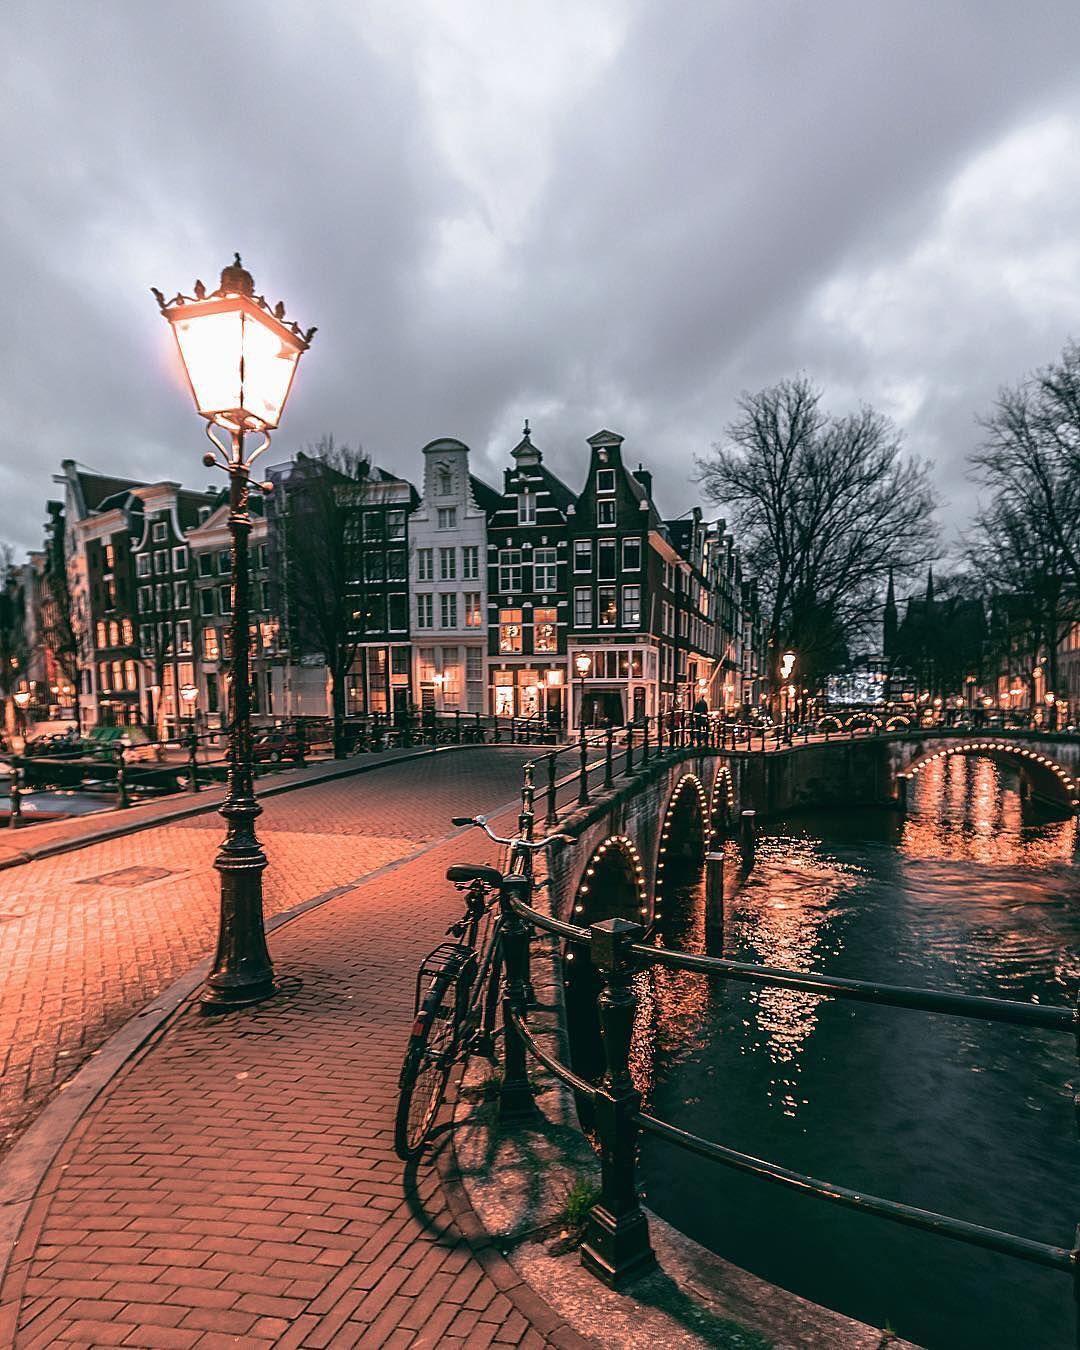 Reise Nach Niederlande In 2020 Reisefotografie Amsterdam Urlaub Reisen